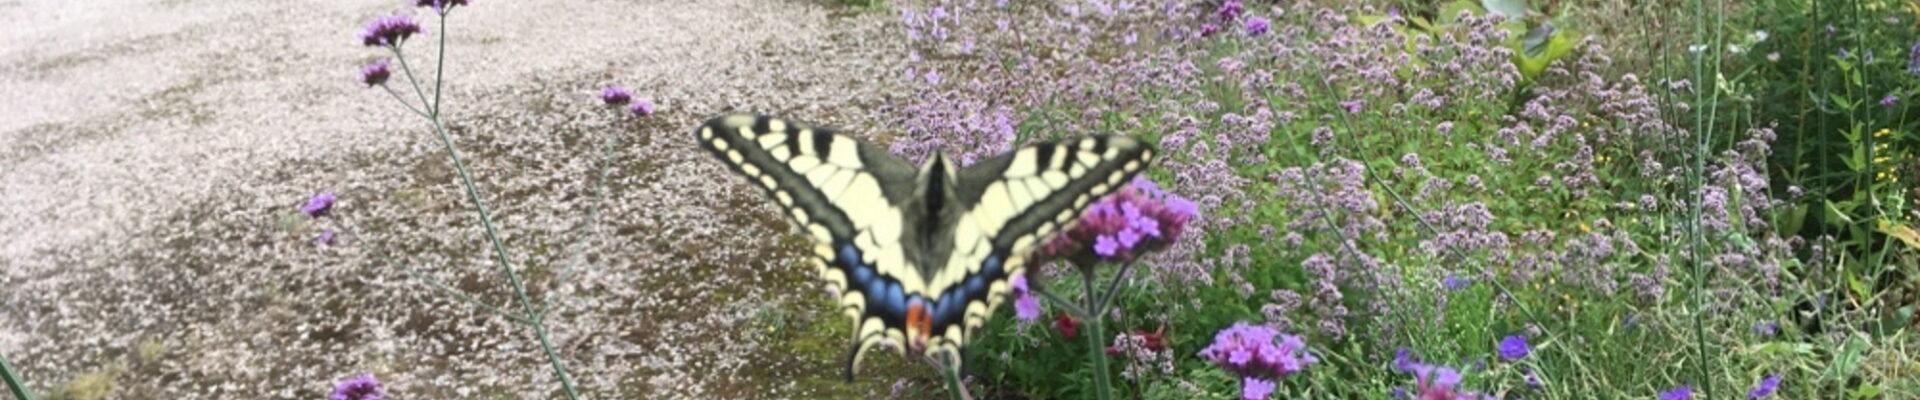 Een Koninginnenpage zomaar in de tuin